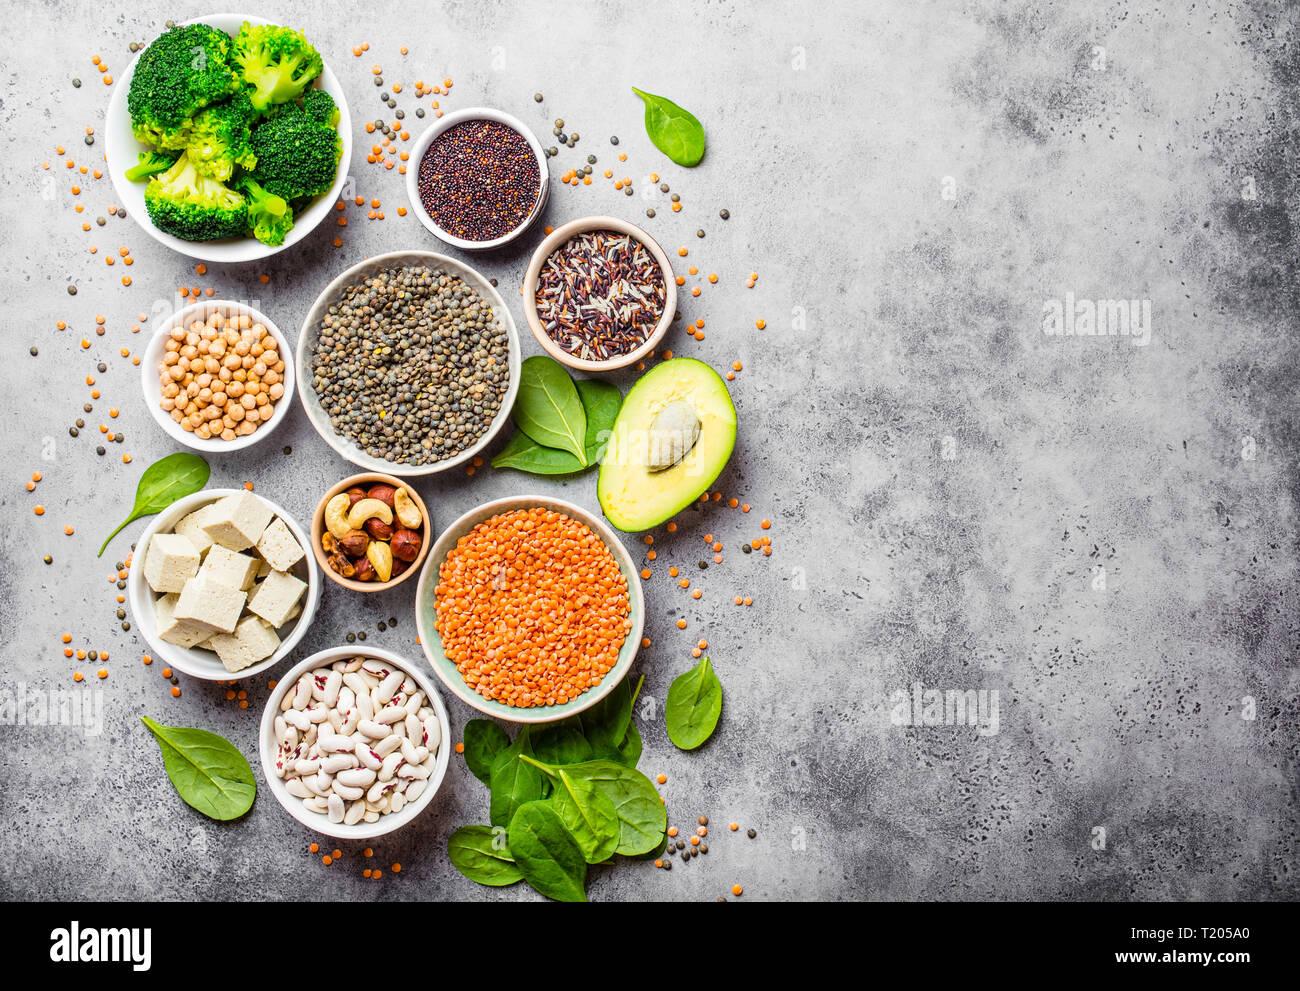 Vegan sana nutrizione Immagini Stock